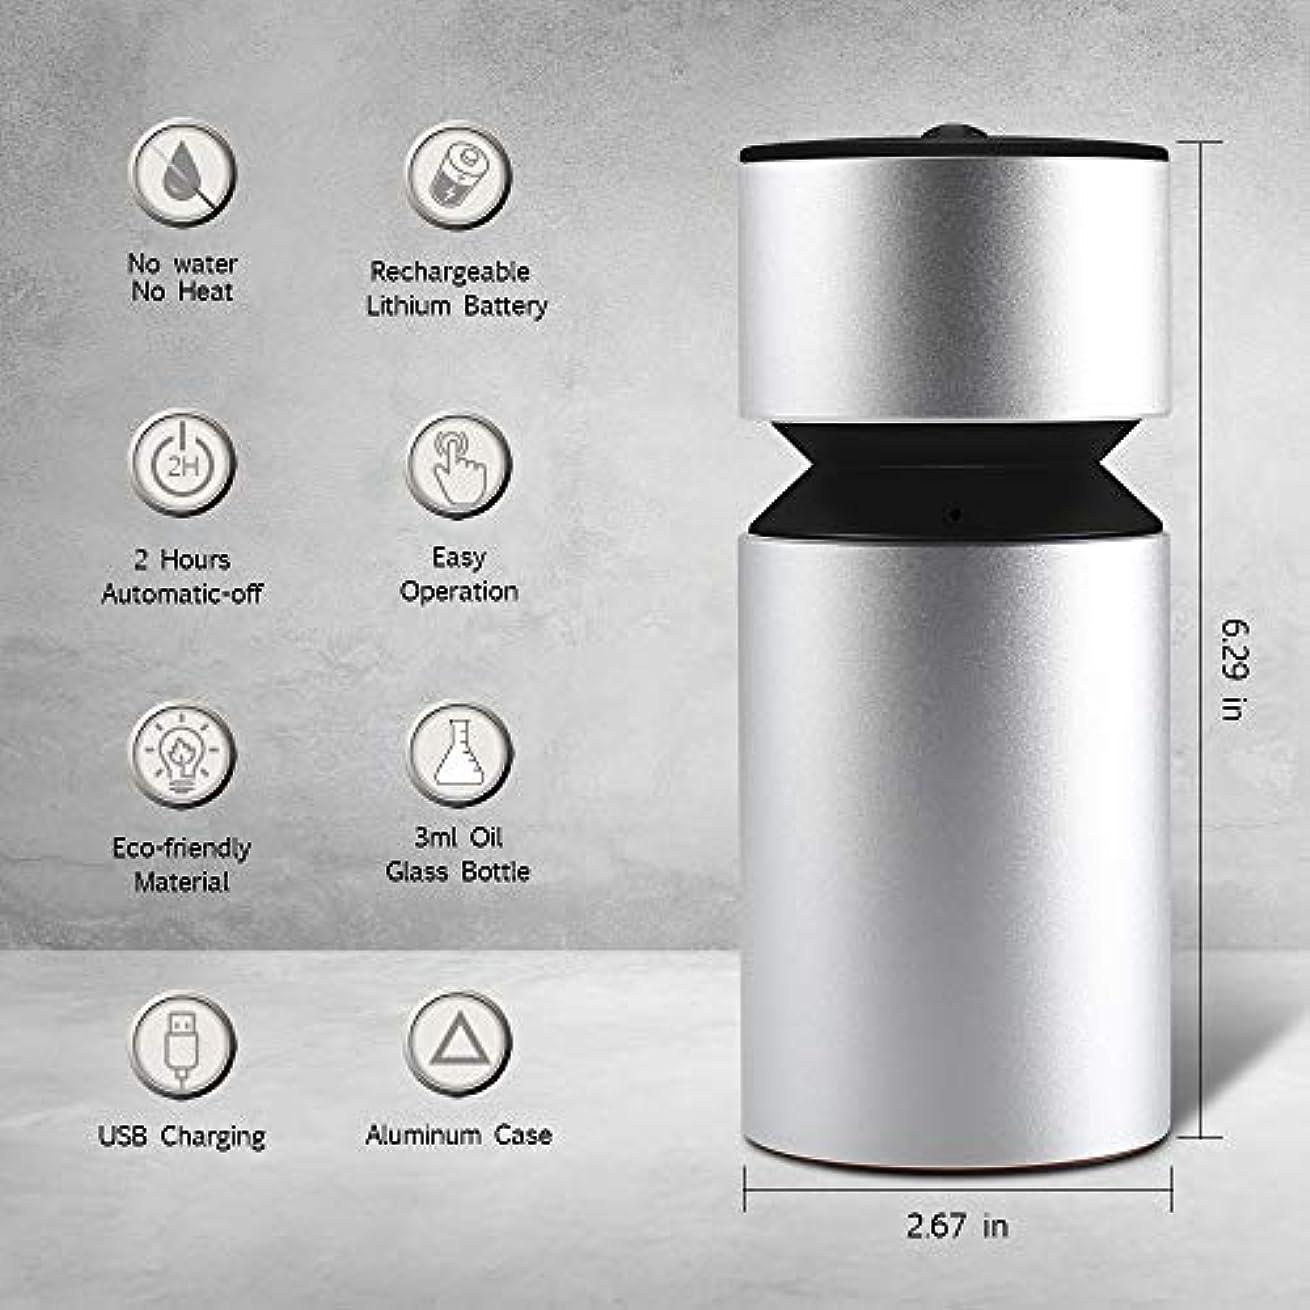 熟読頼るイベント超音波アロマディフューザー、噴霧オイルディフューザー、ミニ3.0 USB充電式ネブライザーアロマアロマアロマ用アロマ